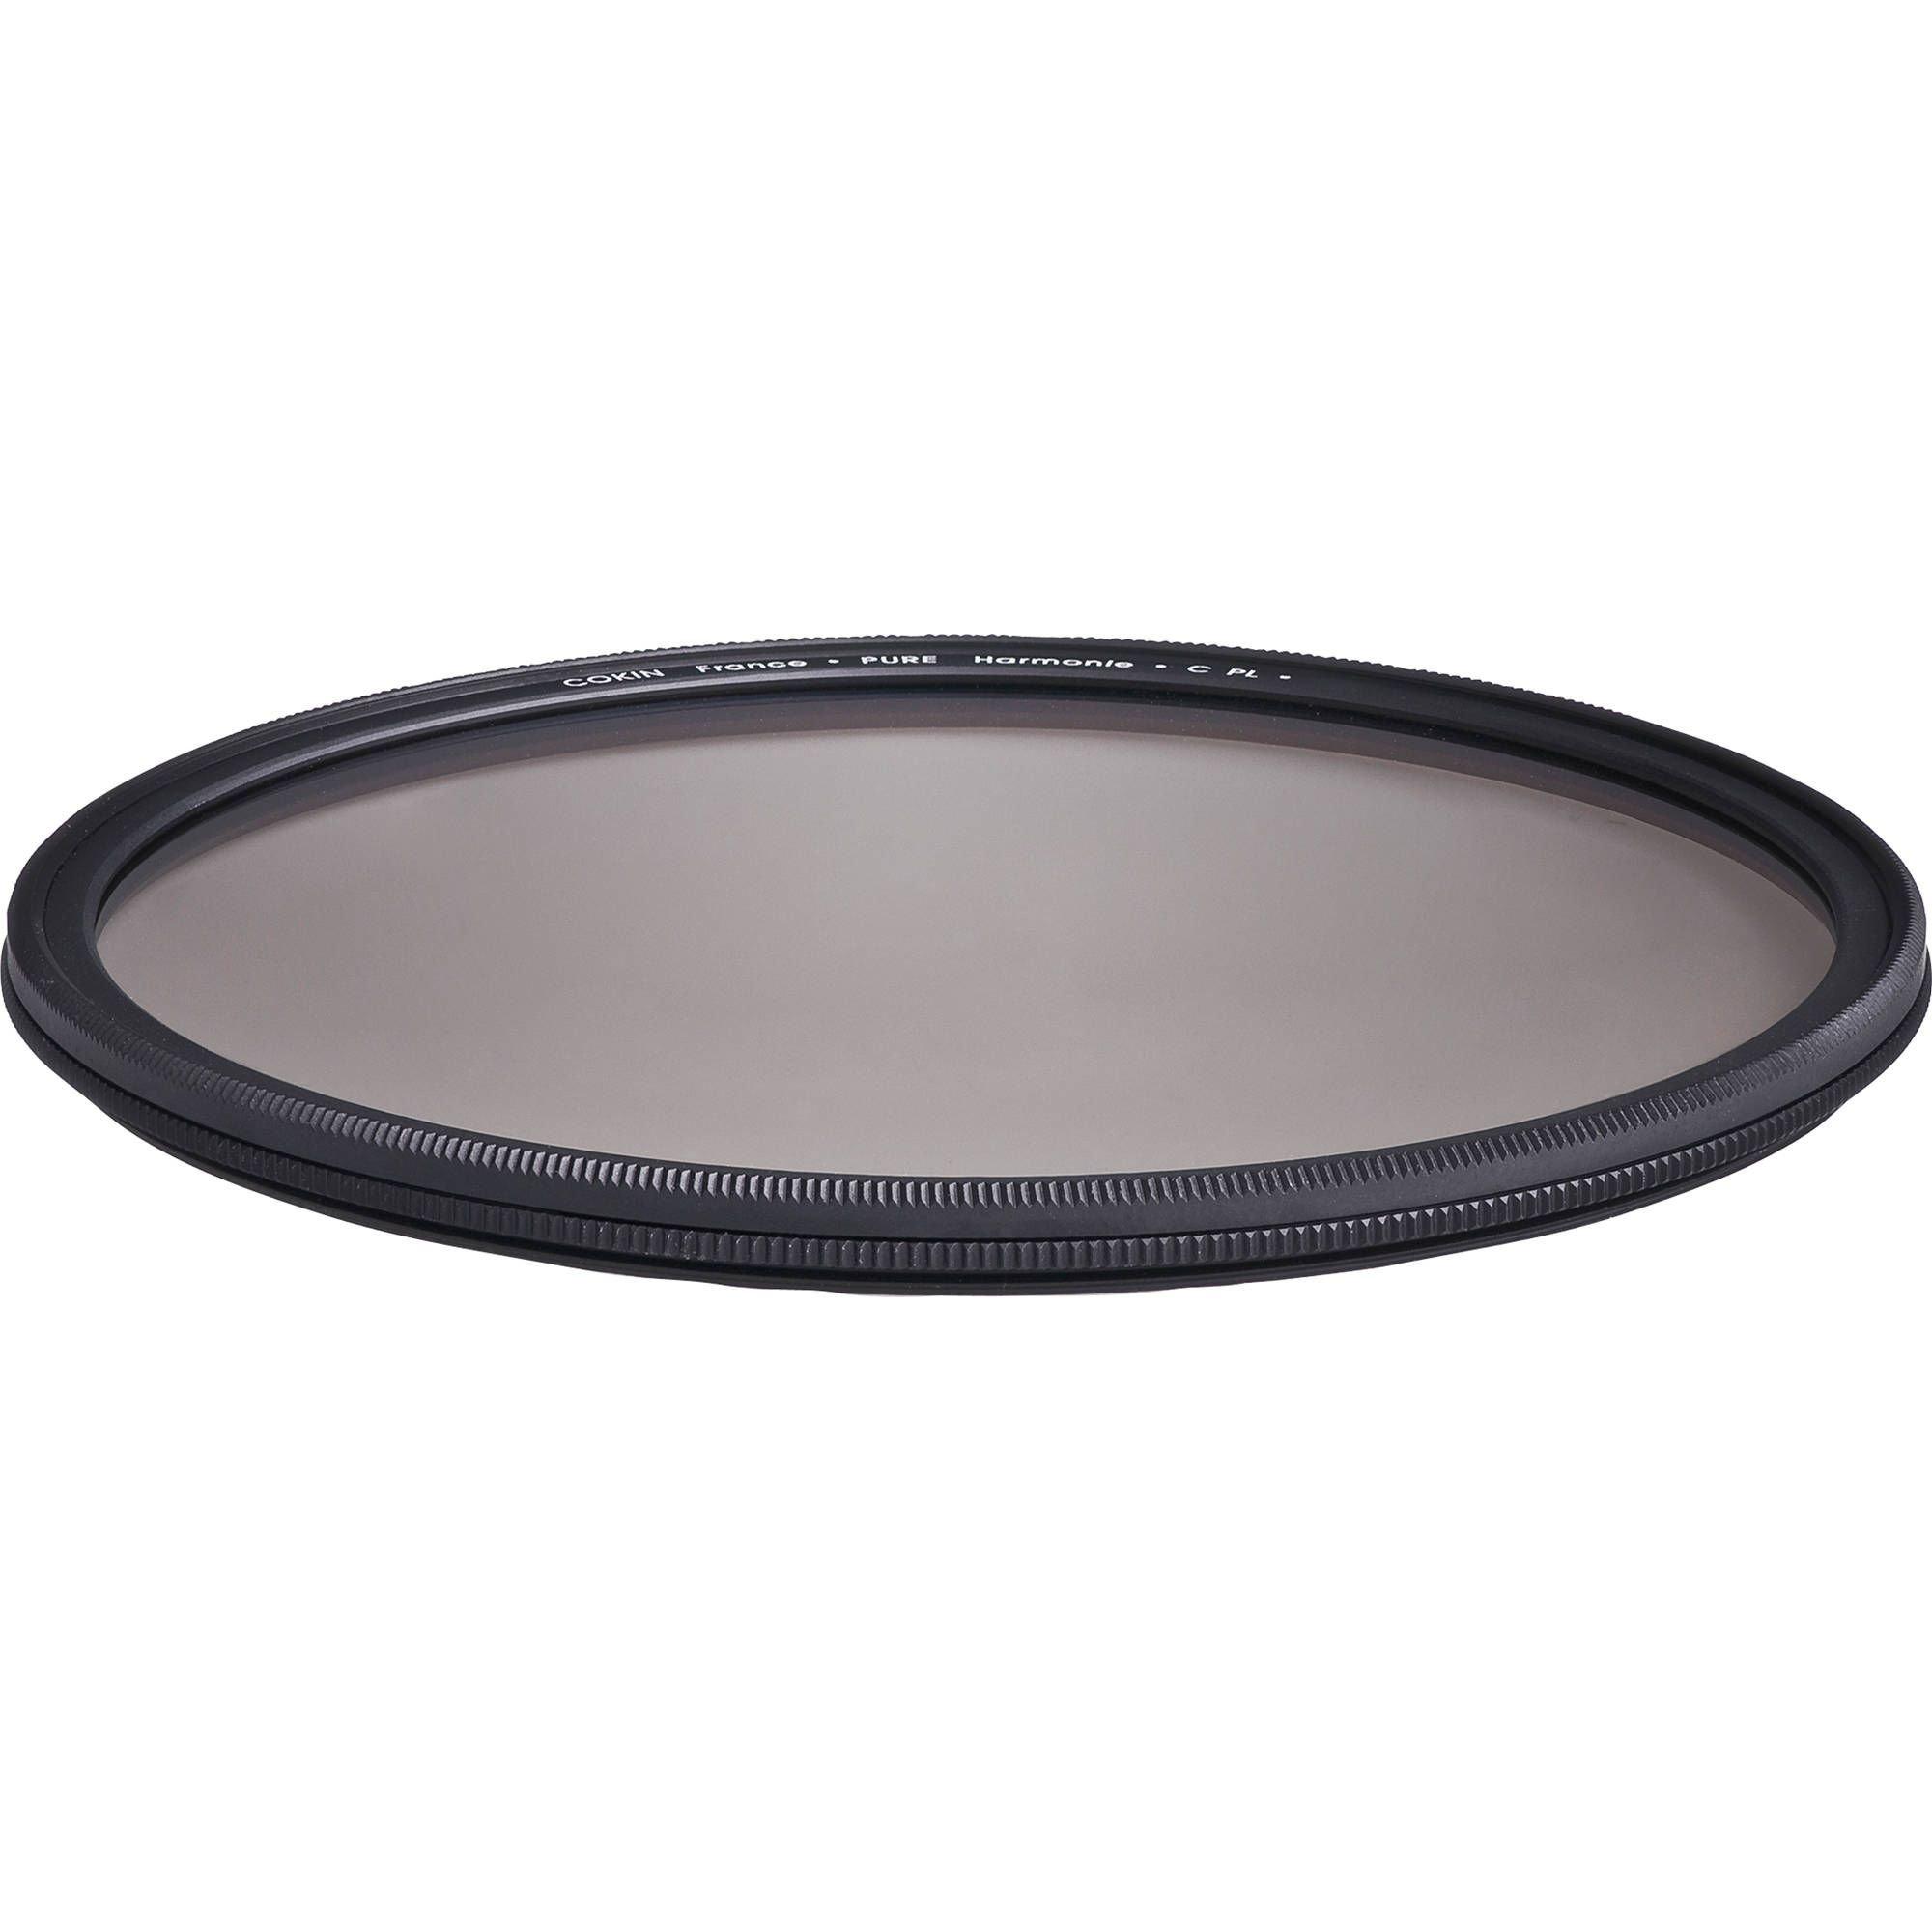 COKIN filtr polarizační cirkulární 72 mm